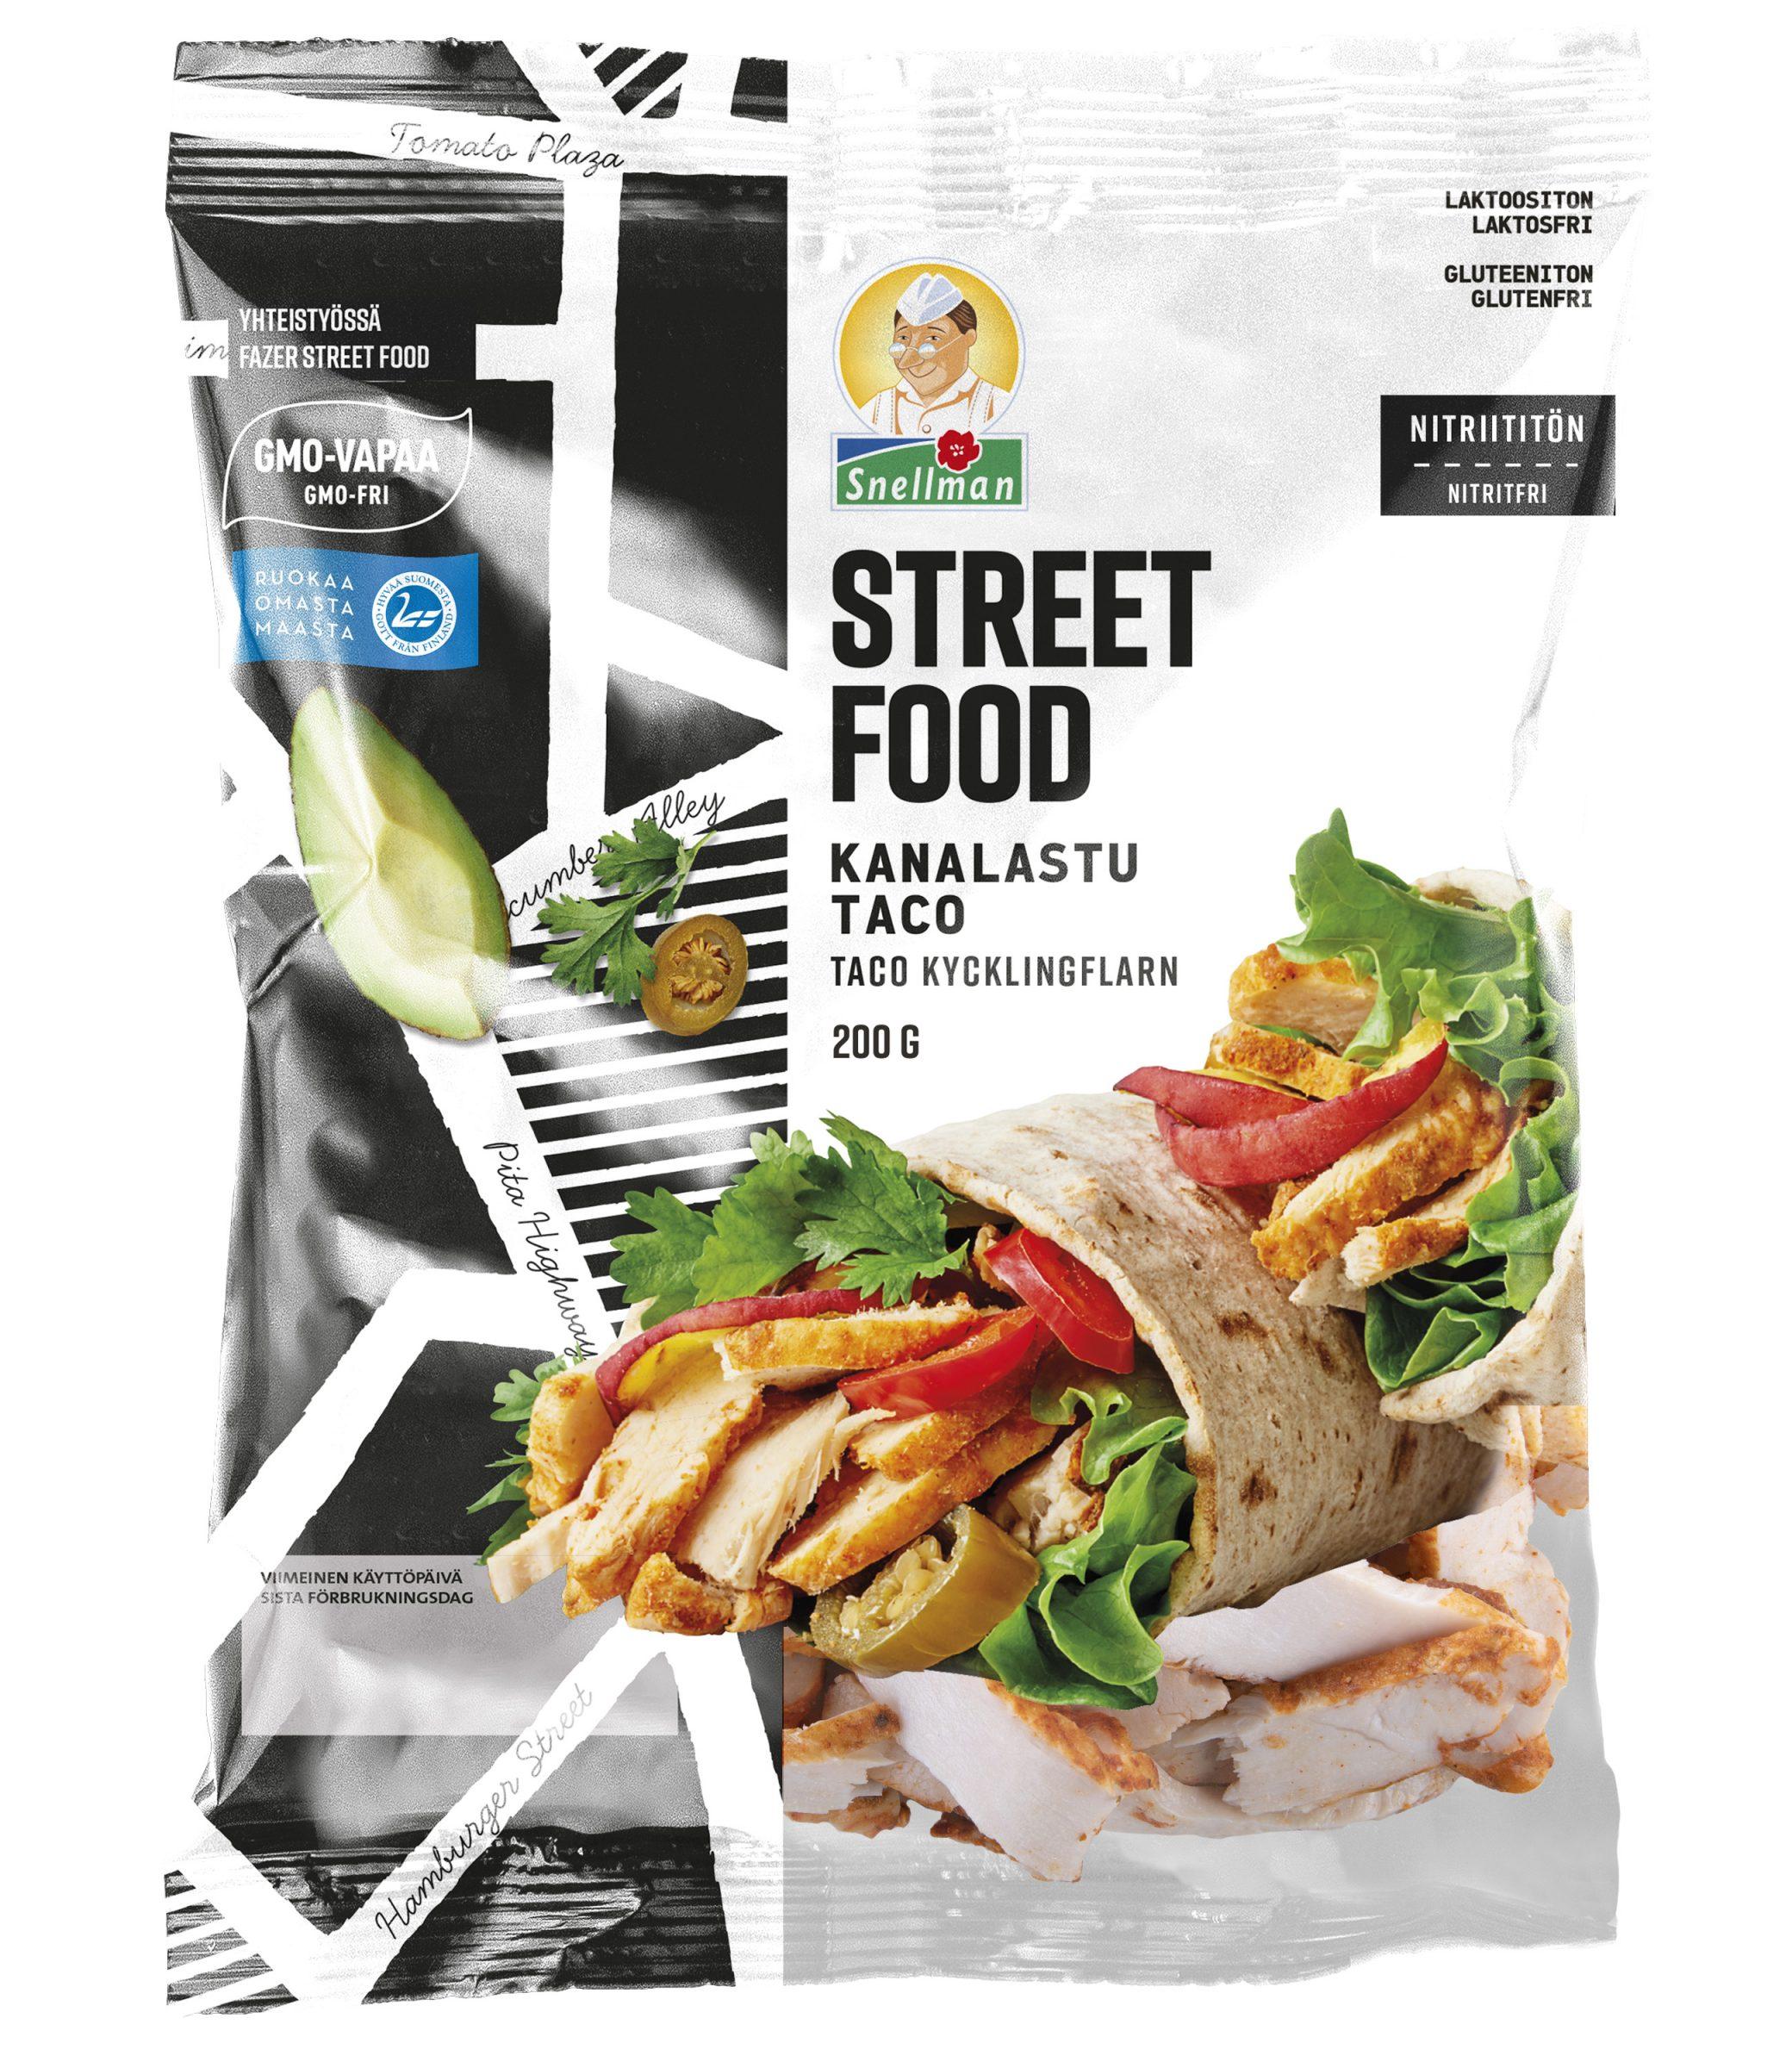 Street Food kanalastu taco